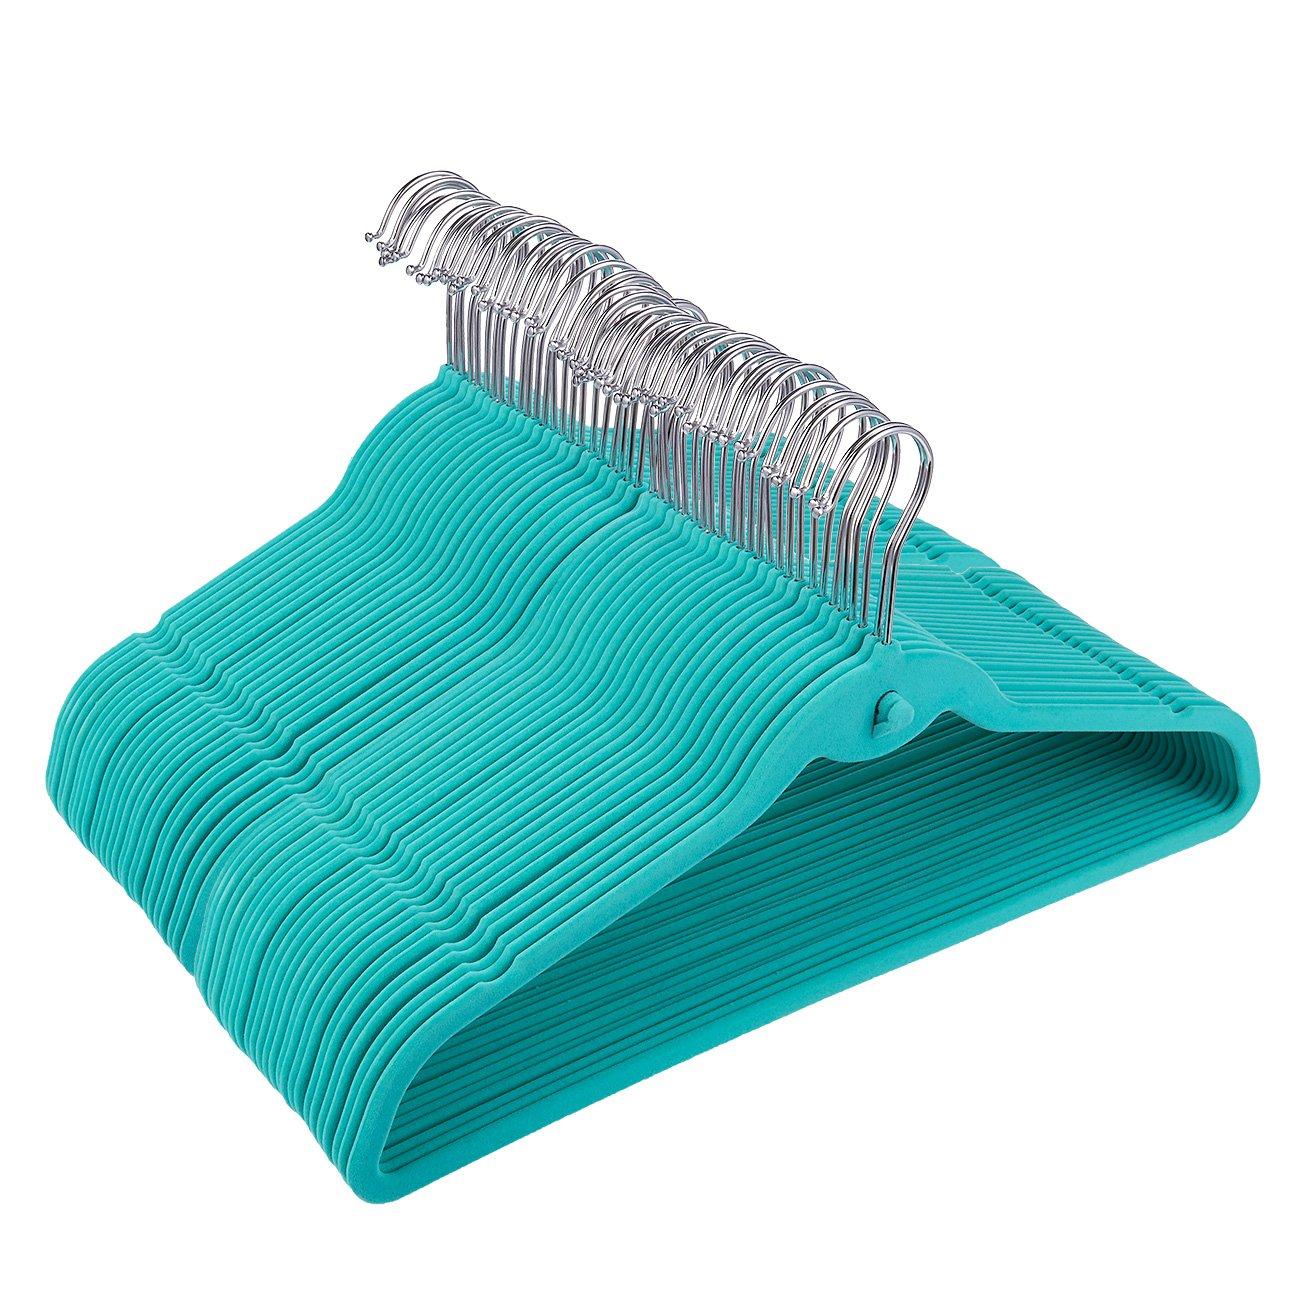 Juvale 50 Pack Teal Velvet Hangers - Non Slip Hangers Cascading Hooks - Thin Hangers - Non Slip Hangers, Teal, 17.5 x 9.2 x 0.2 inches